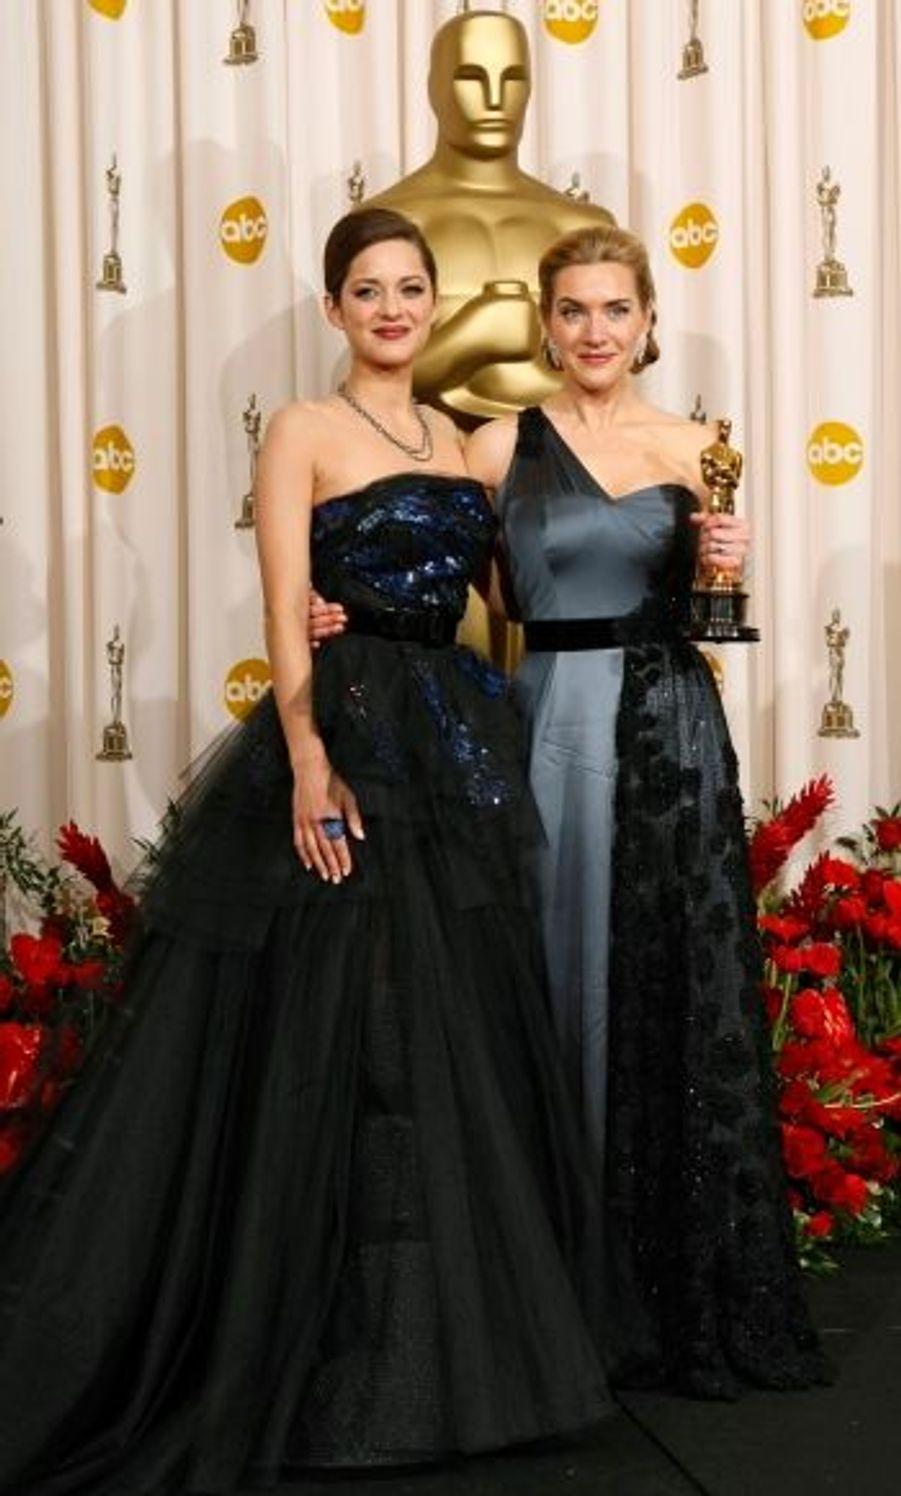 """Après son succès aux Golden Globes et aux BAFTA, Kate Winslet a triomphé aux Oscars, en remportant le titre suprême : l'Oscar de la Meilleure actrice, pour son rôle dans """"Le Liseur"""". Comme le veut la tradition, c'est la Meilleure actrice de l'année précédente, en l'occurrence notre Française Marion Cotillard, qui lui a remis la statuette dorée."""